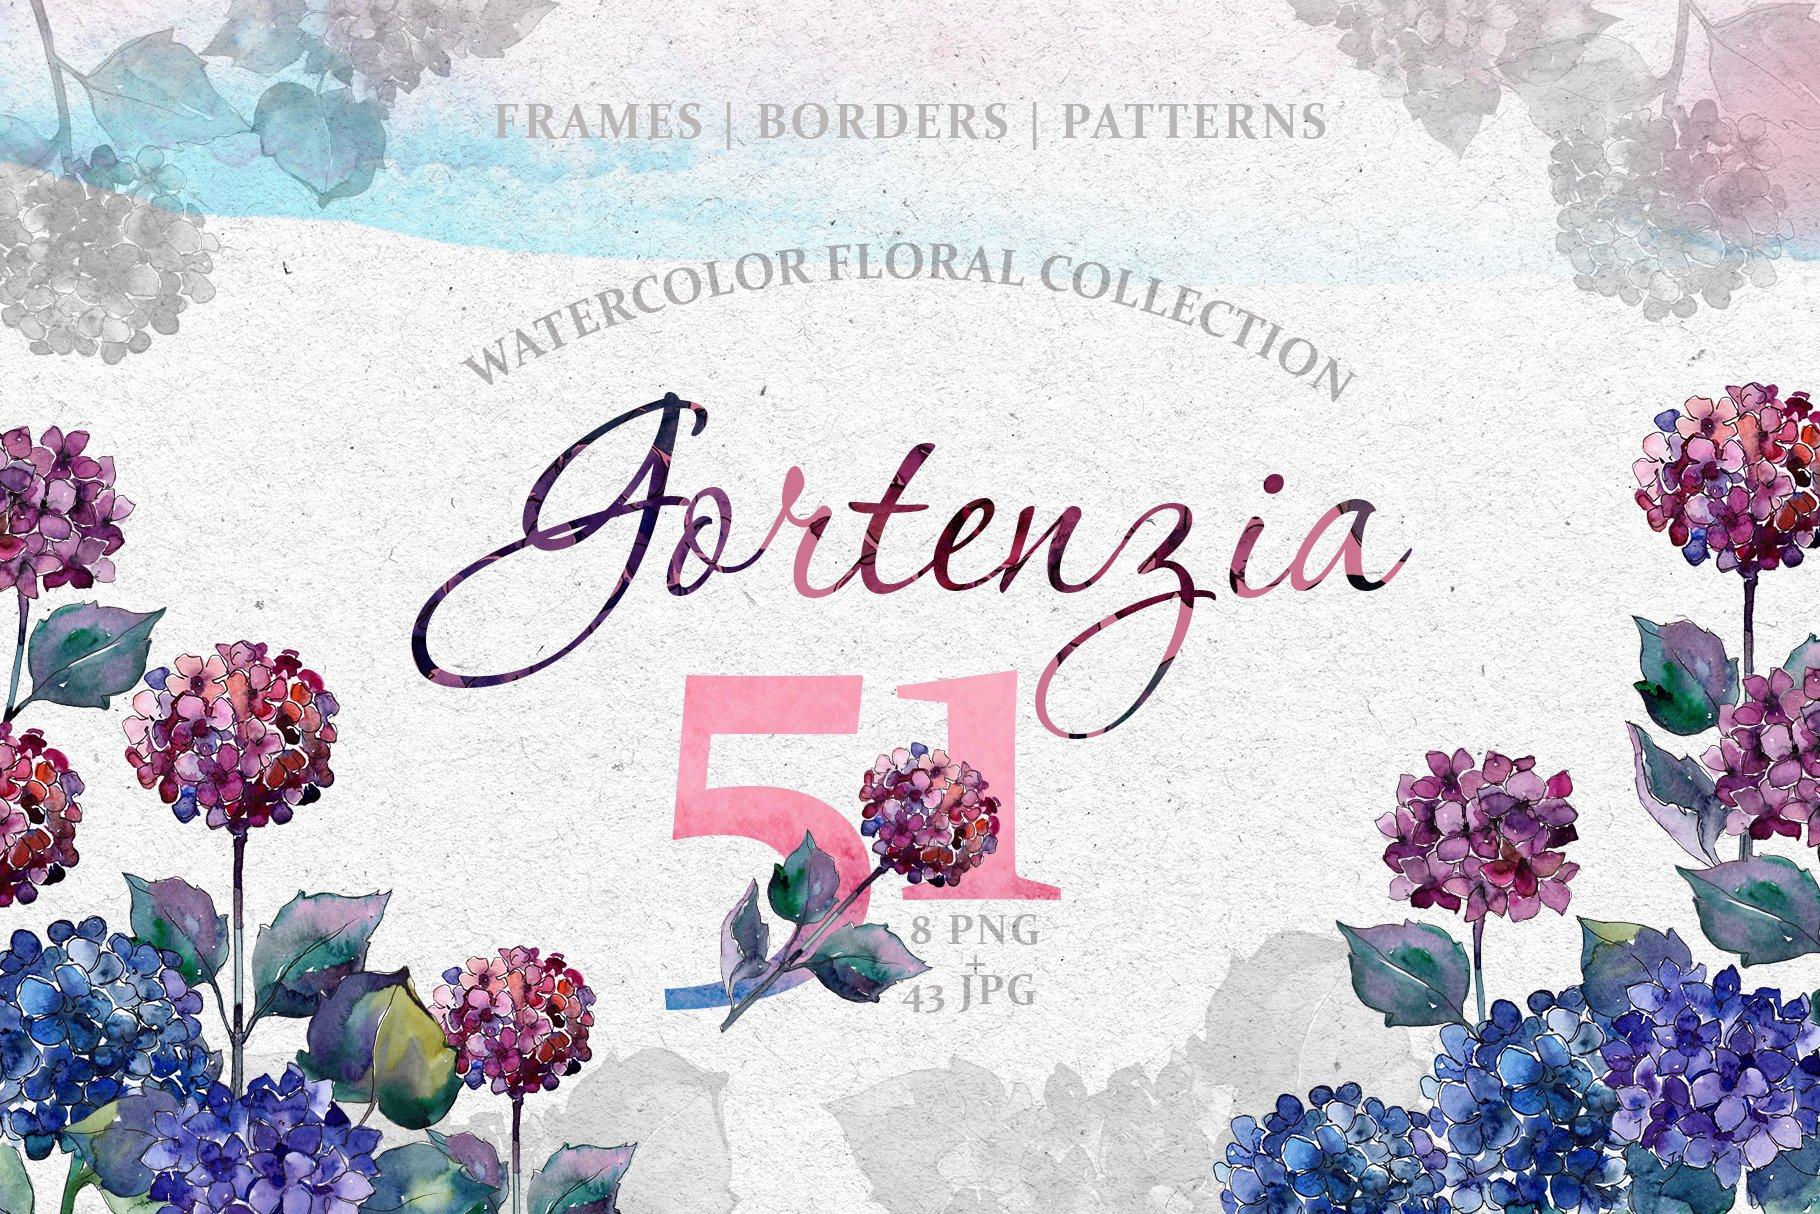 51个花卉植物水彩剪贴画插图图片素材 Gortenzia Magic Watercolor PNG插图